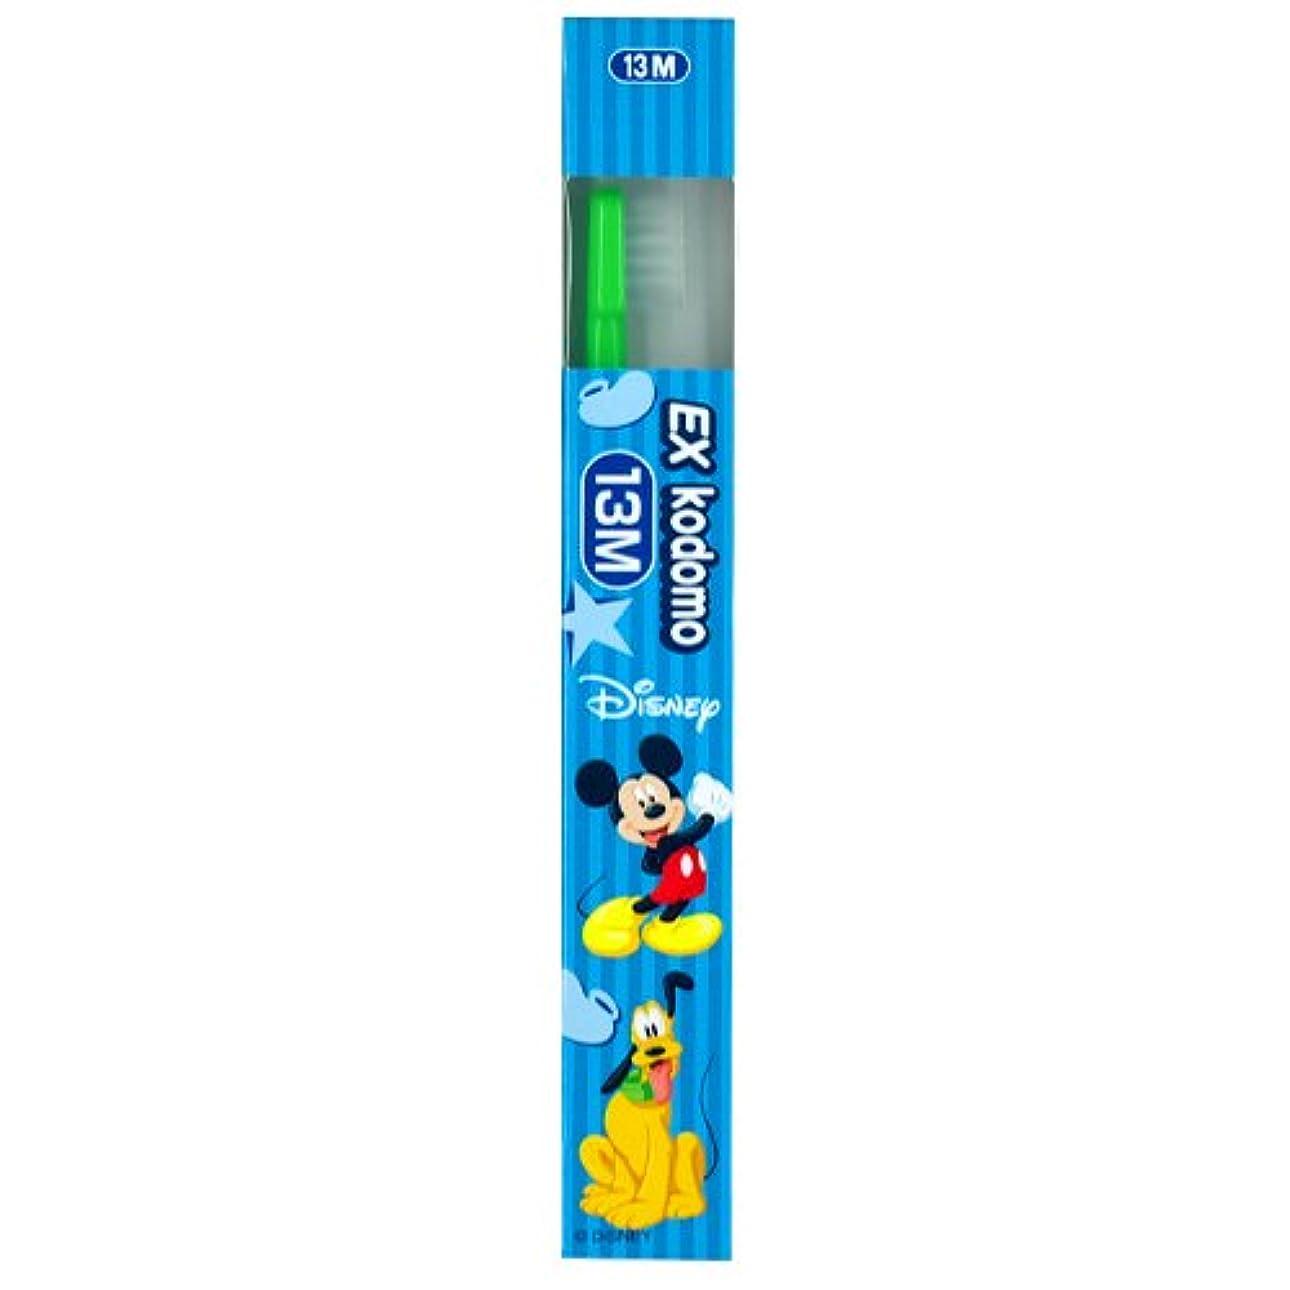 帰するプラスチック社説ライオン EX kodomo ディズニー 歯ブラシ 1本 13M グリーン